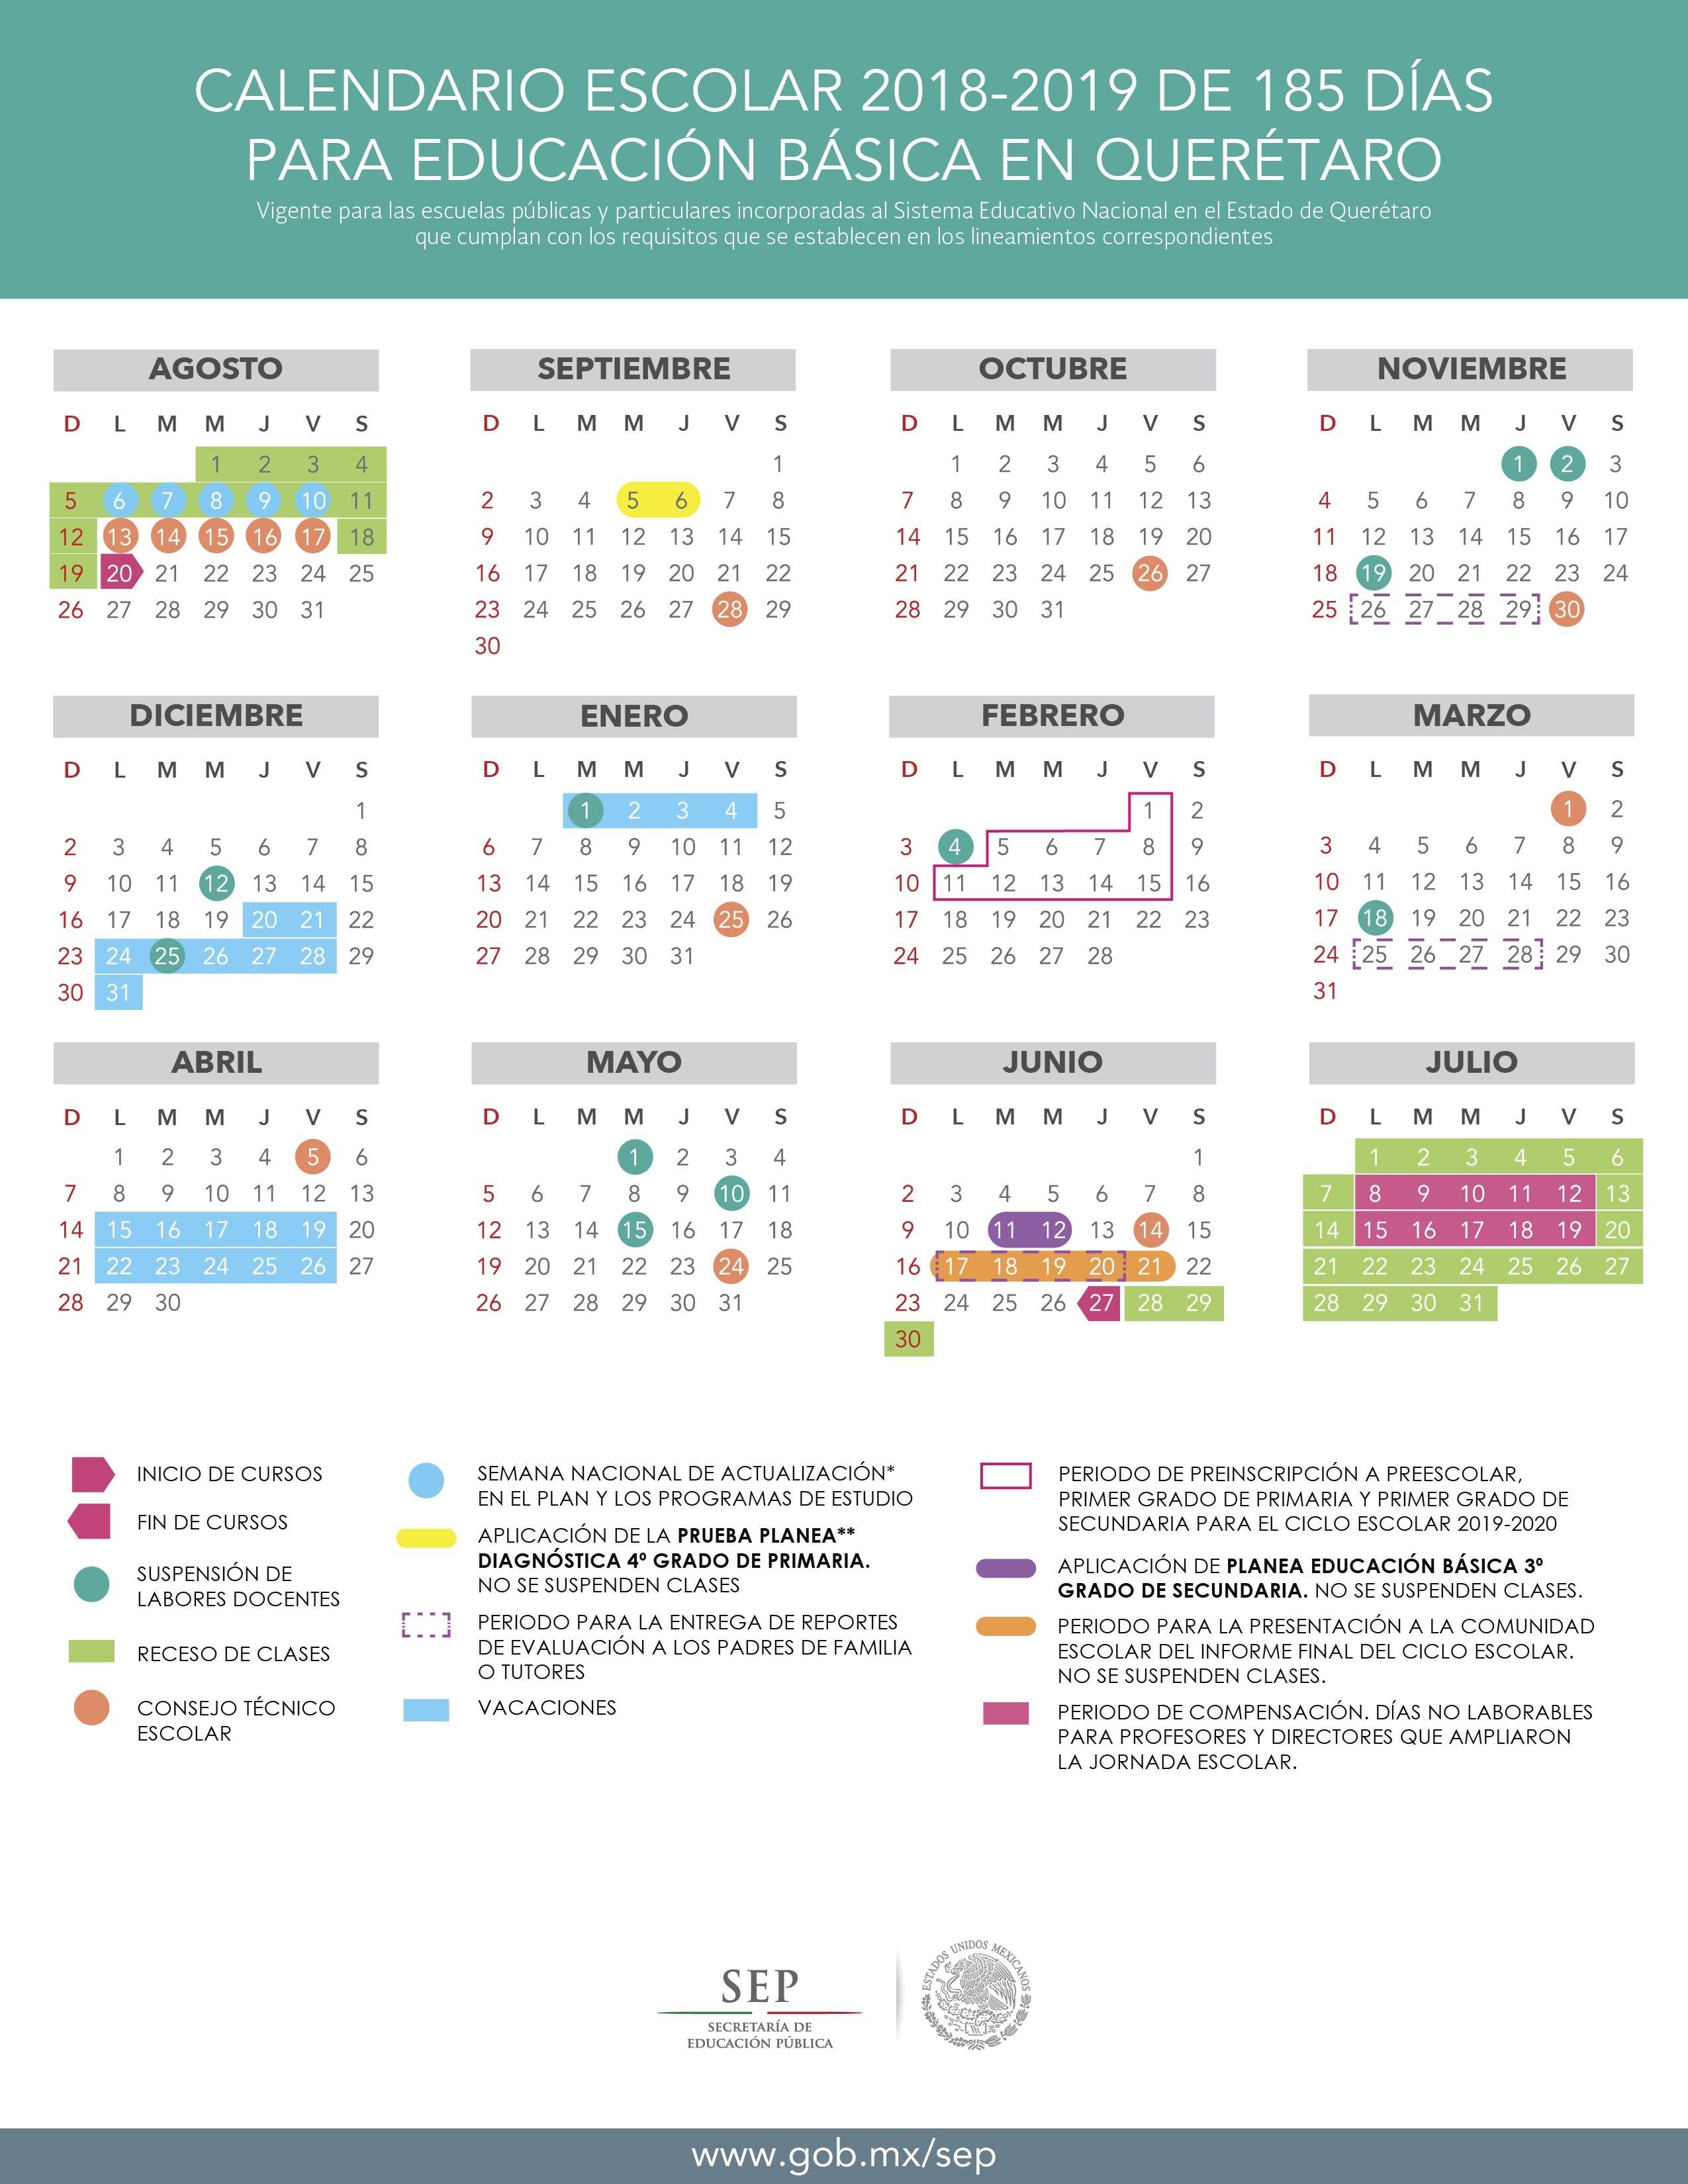 Calendario Escolar 2018 2019 en Educaci³n Básica